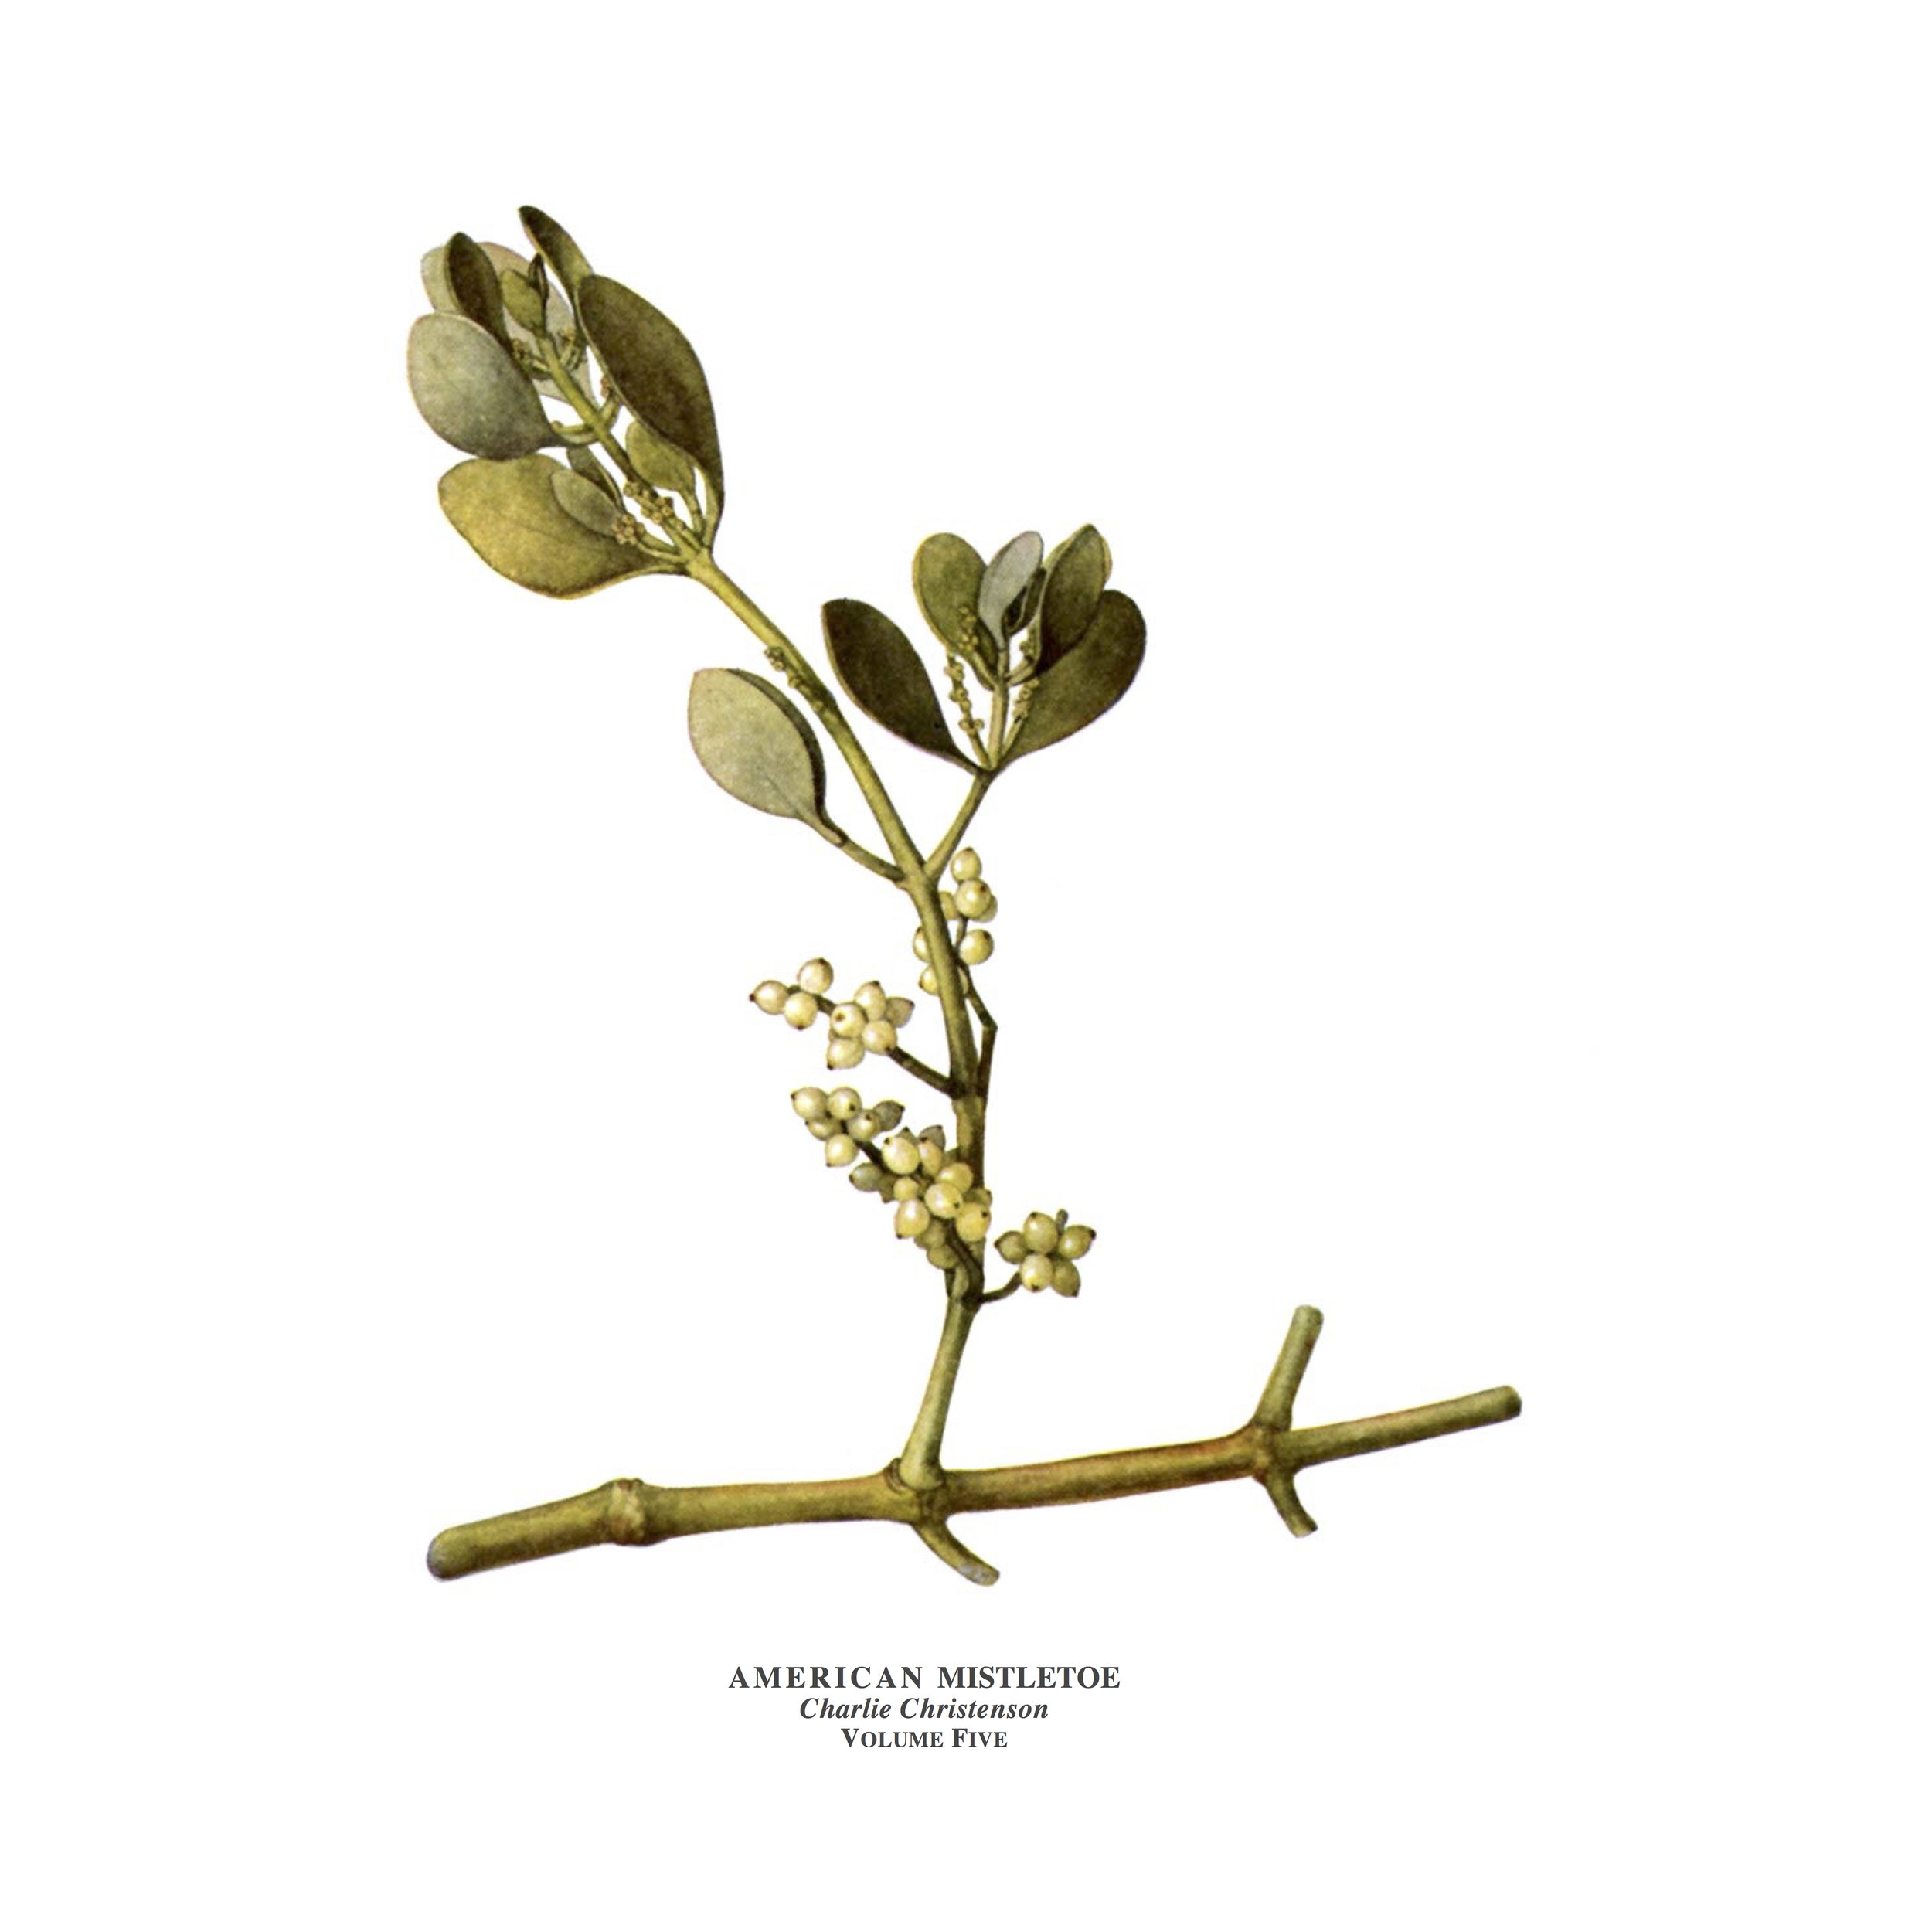 American Mistletoe Cover.jpg